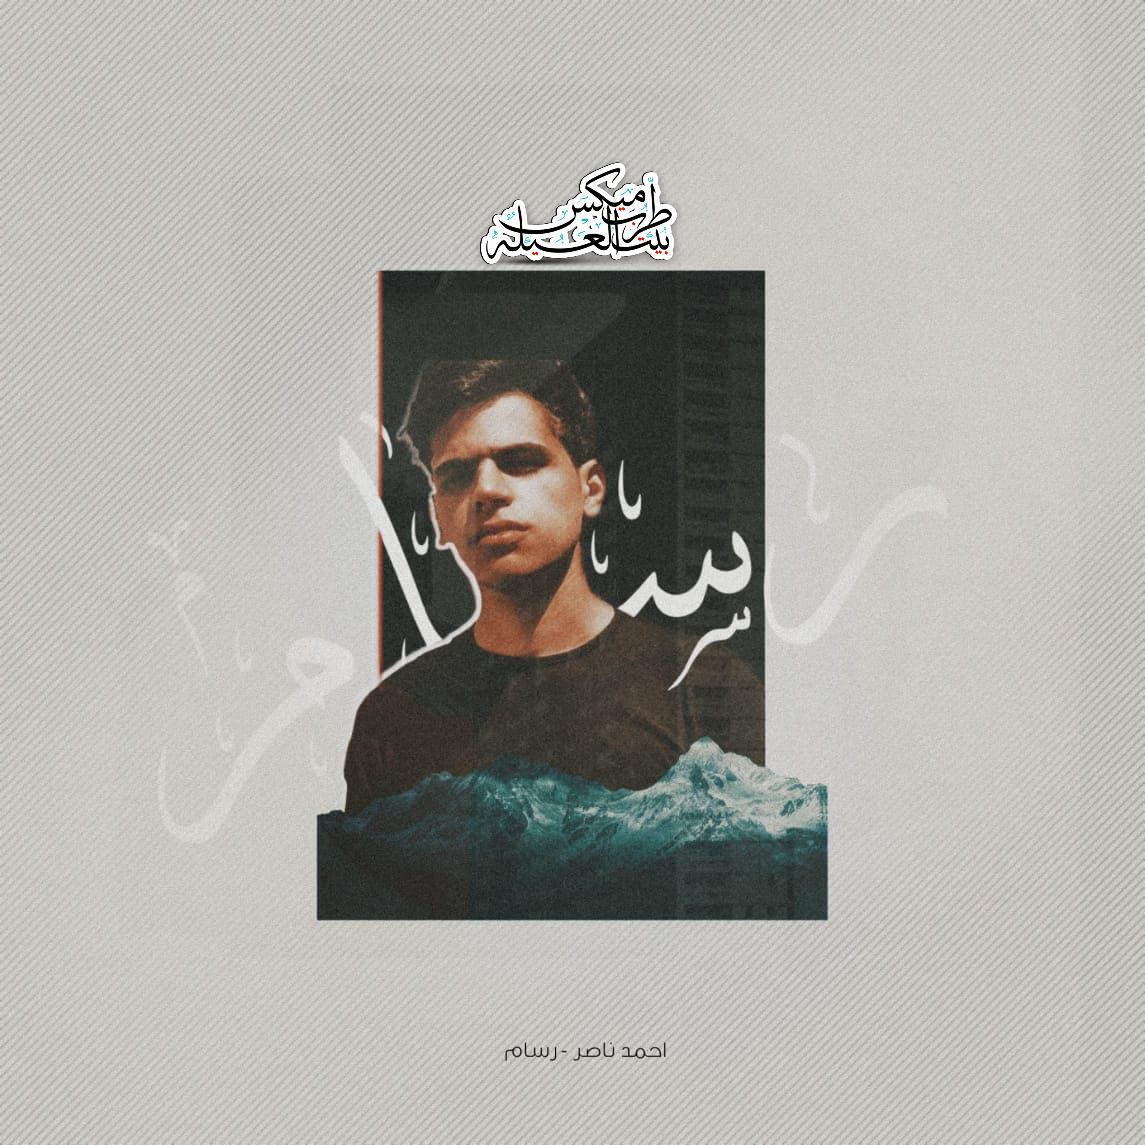 اغنية الرسام غناء احمد نصري 2020